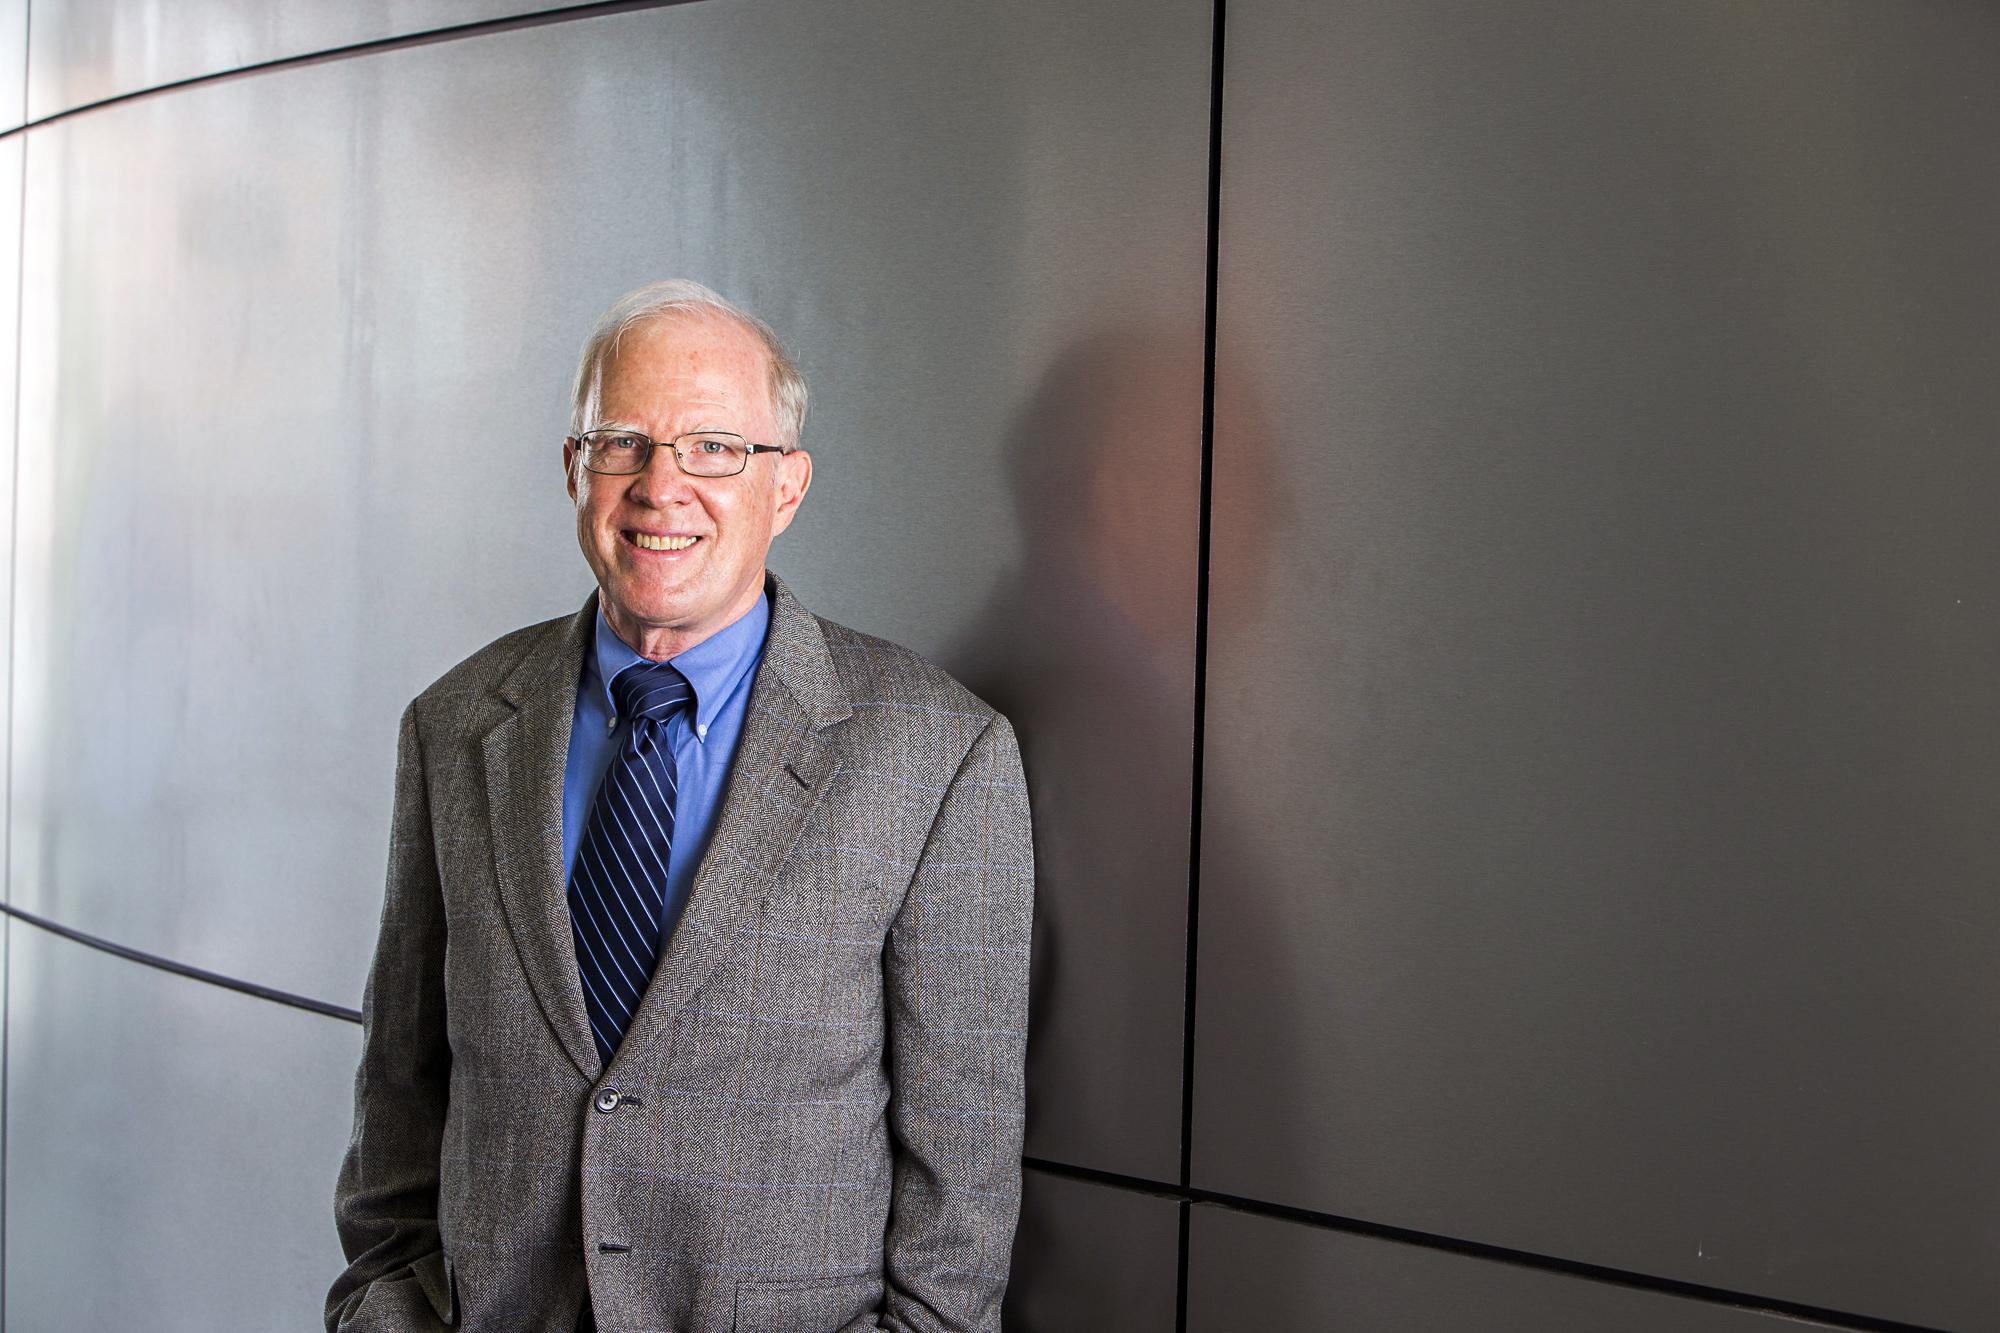 Scientia Professor Ronald William Masulis